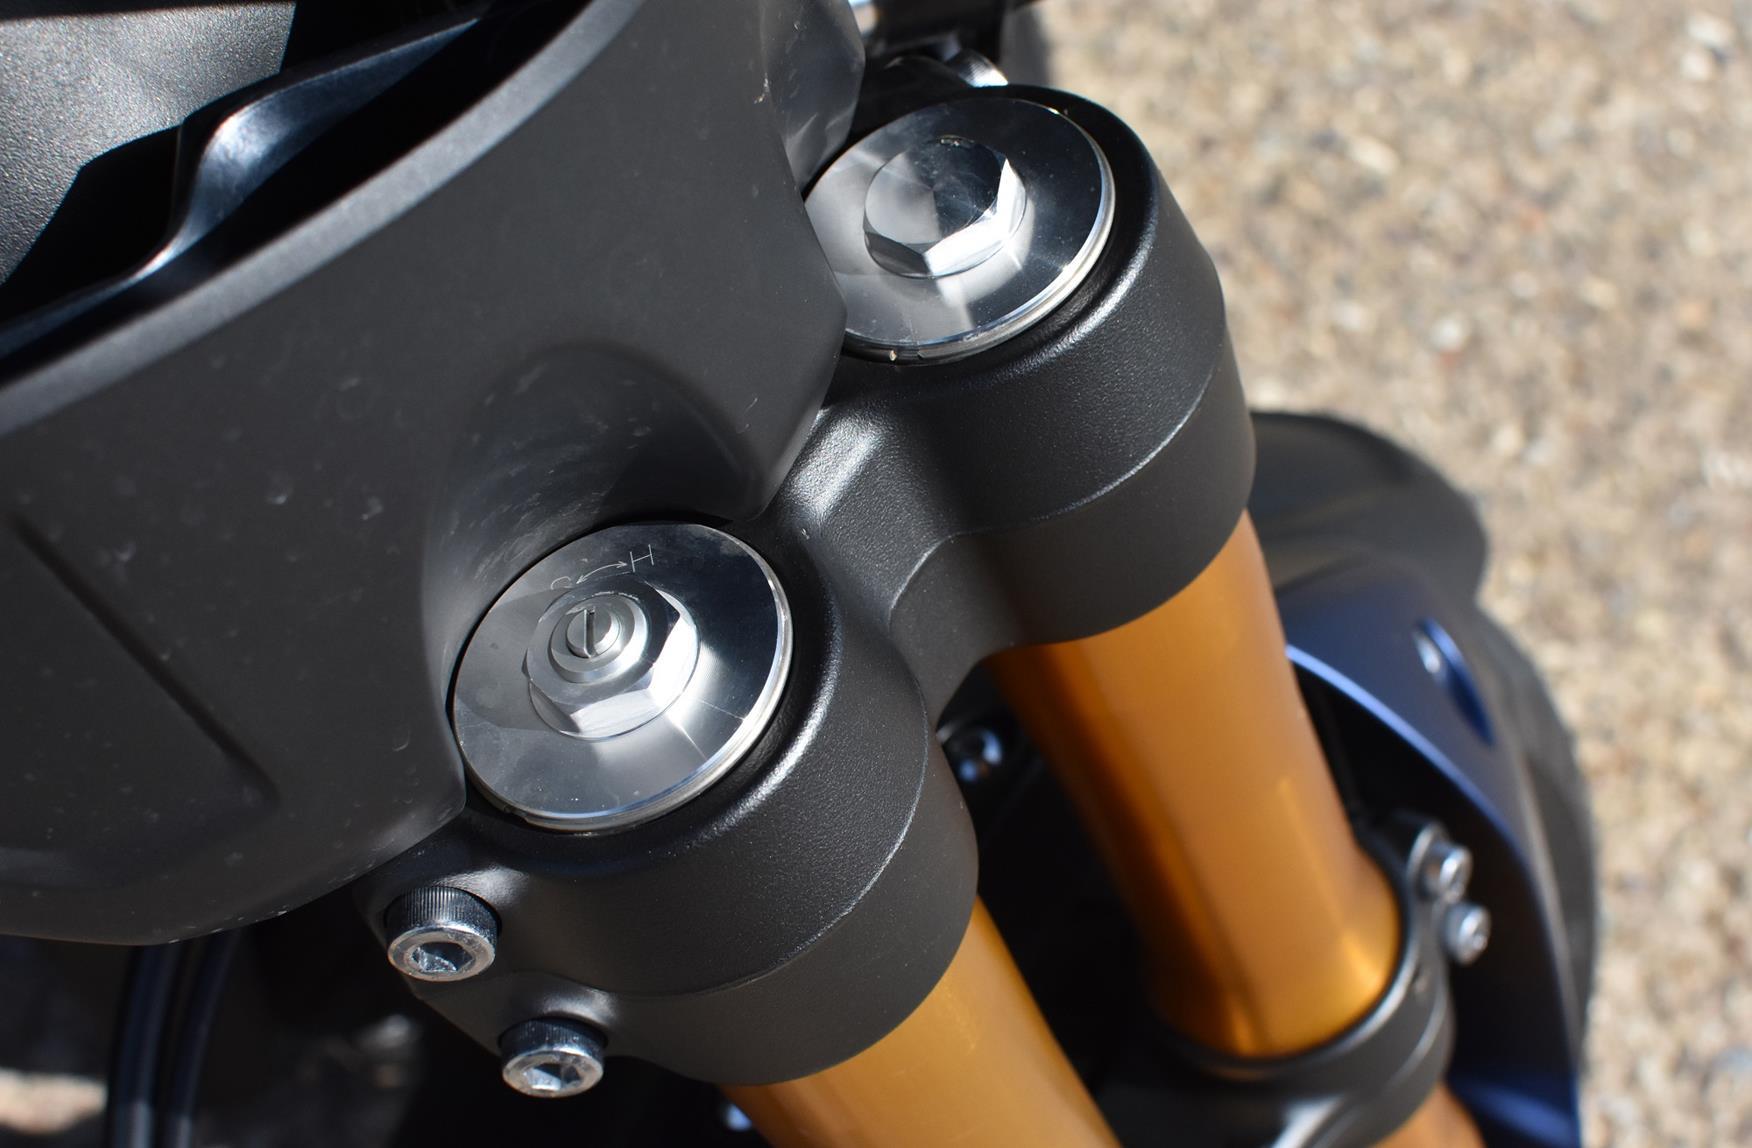 Yamaha Niken GT forks